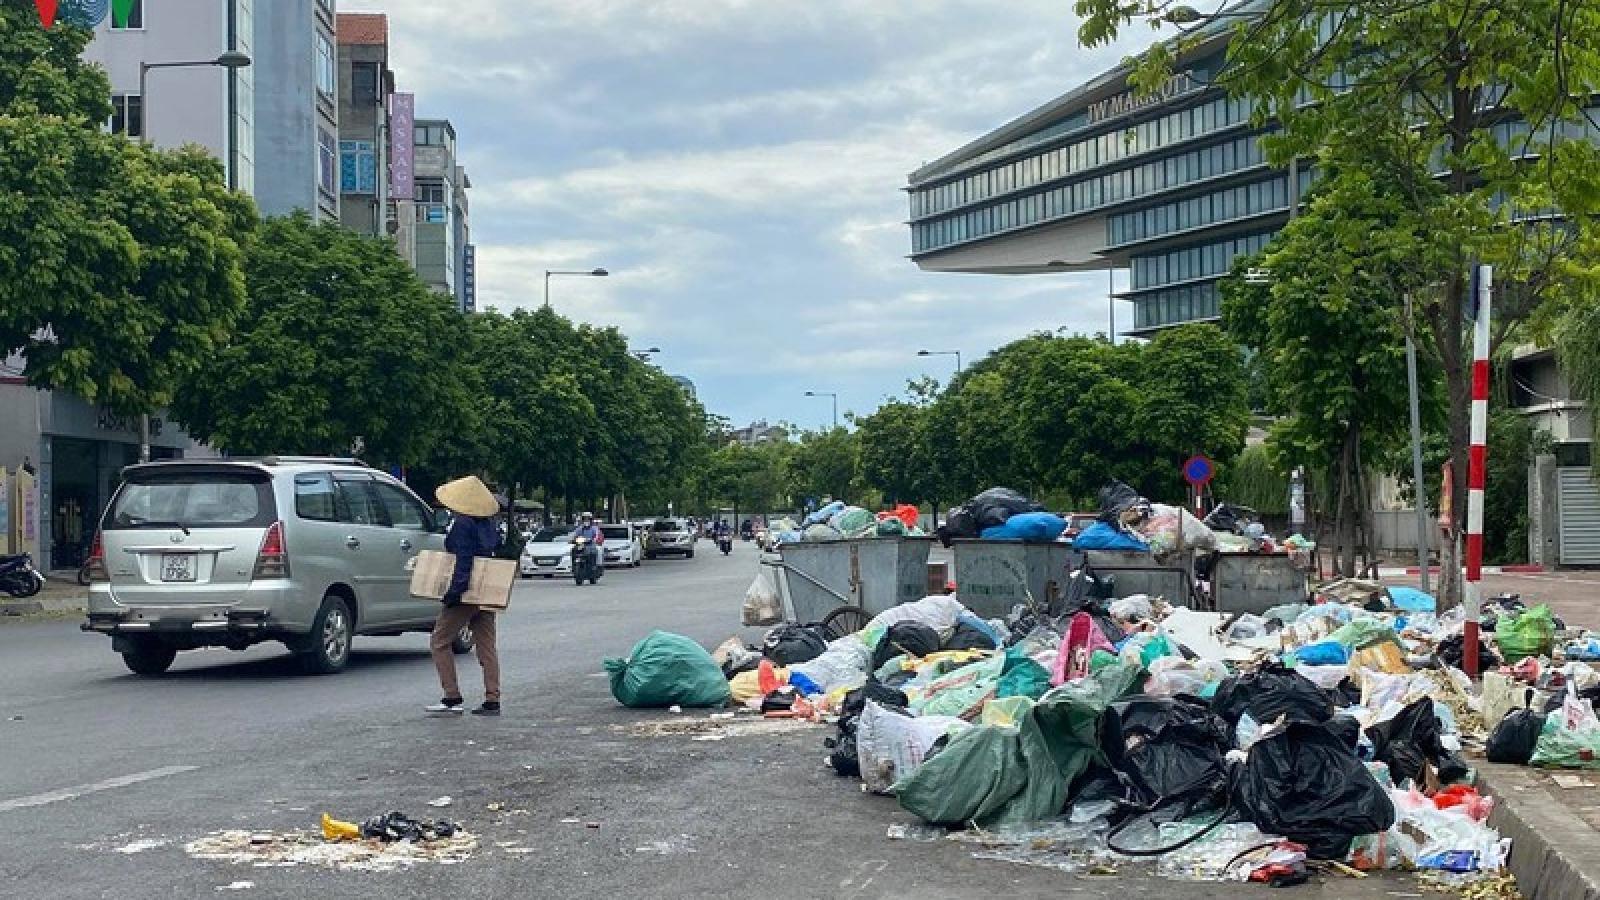 Video: Hà Nội làm gì để giải quyết dứt ùn ứ rác thải ở nội thành?